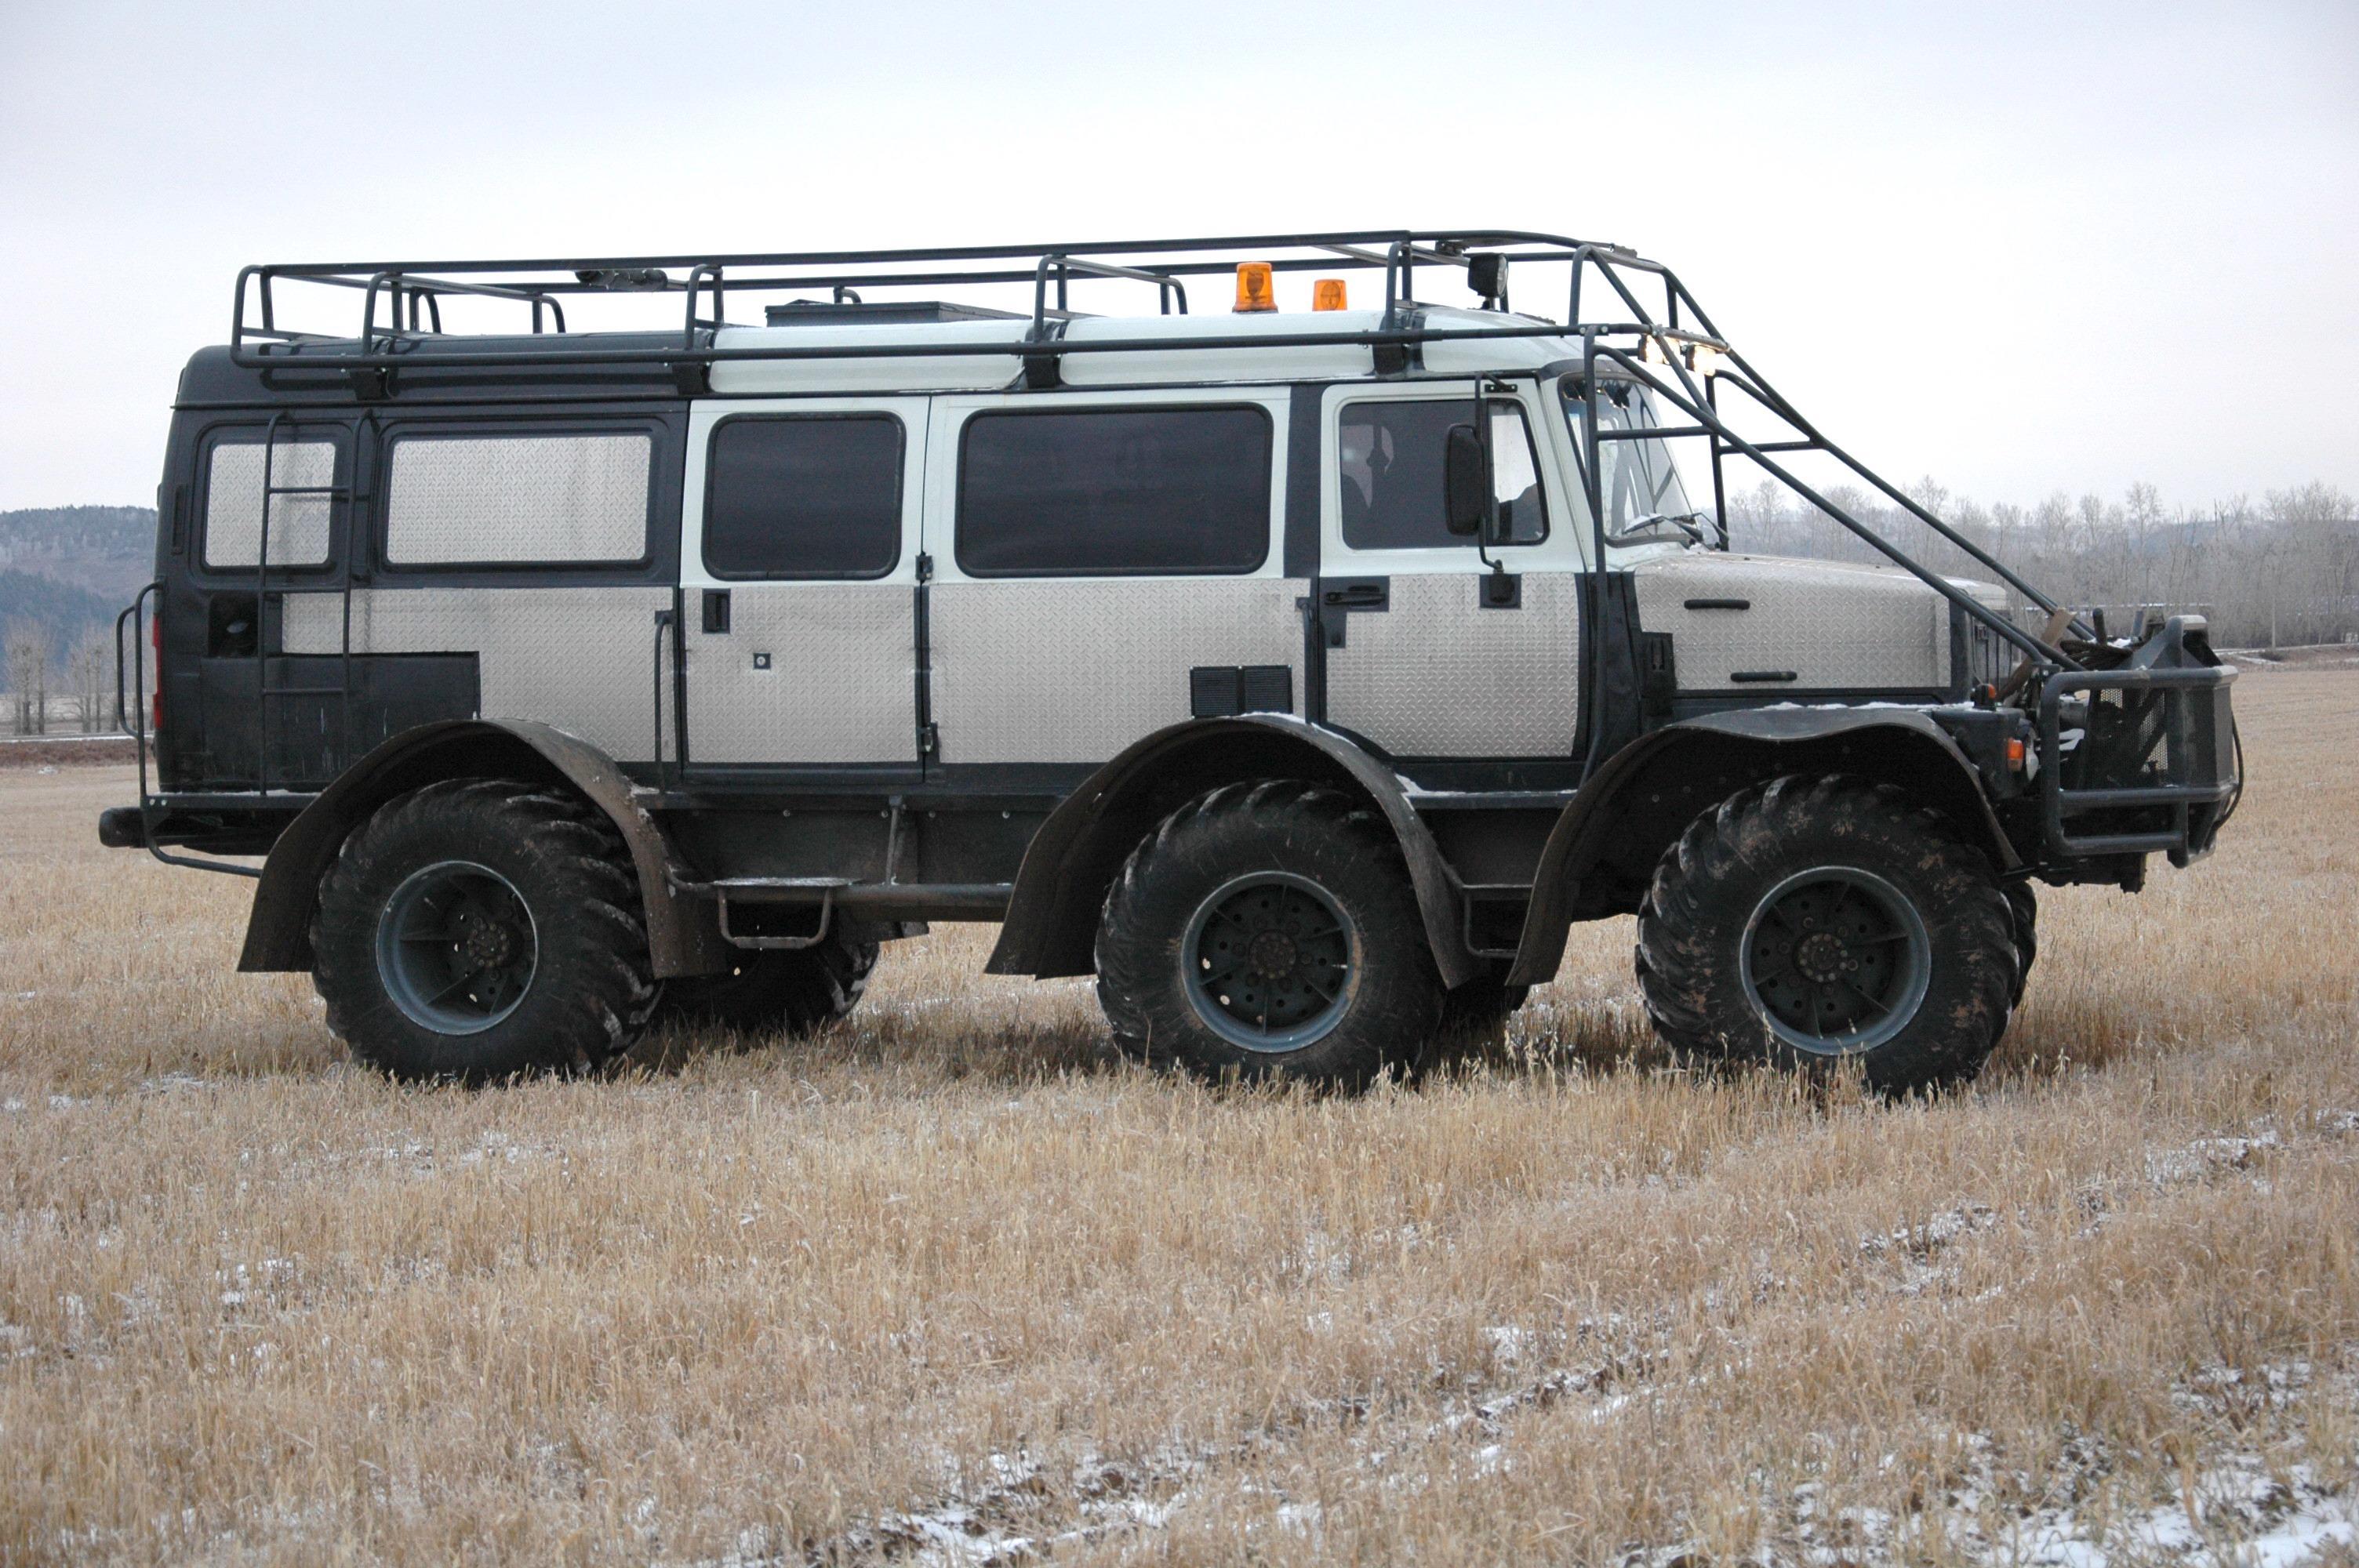 Объединенный форум внедорожников 4x4 * Просмотр темы - Дену - 4WD автобус